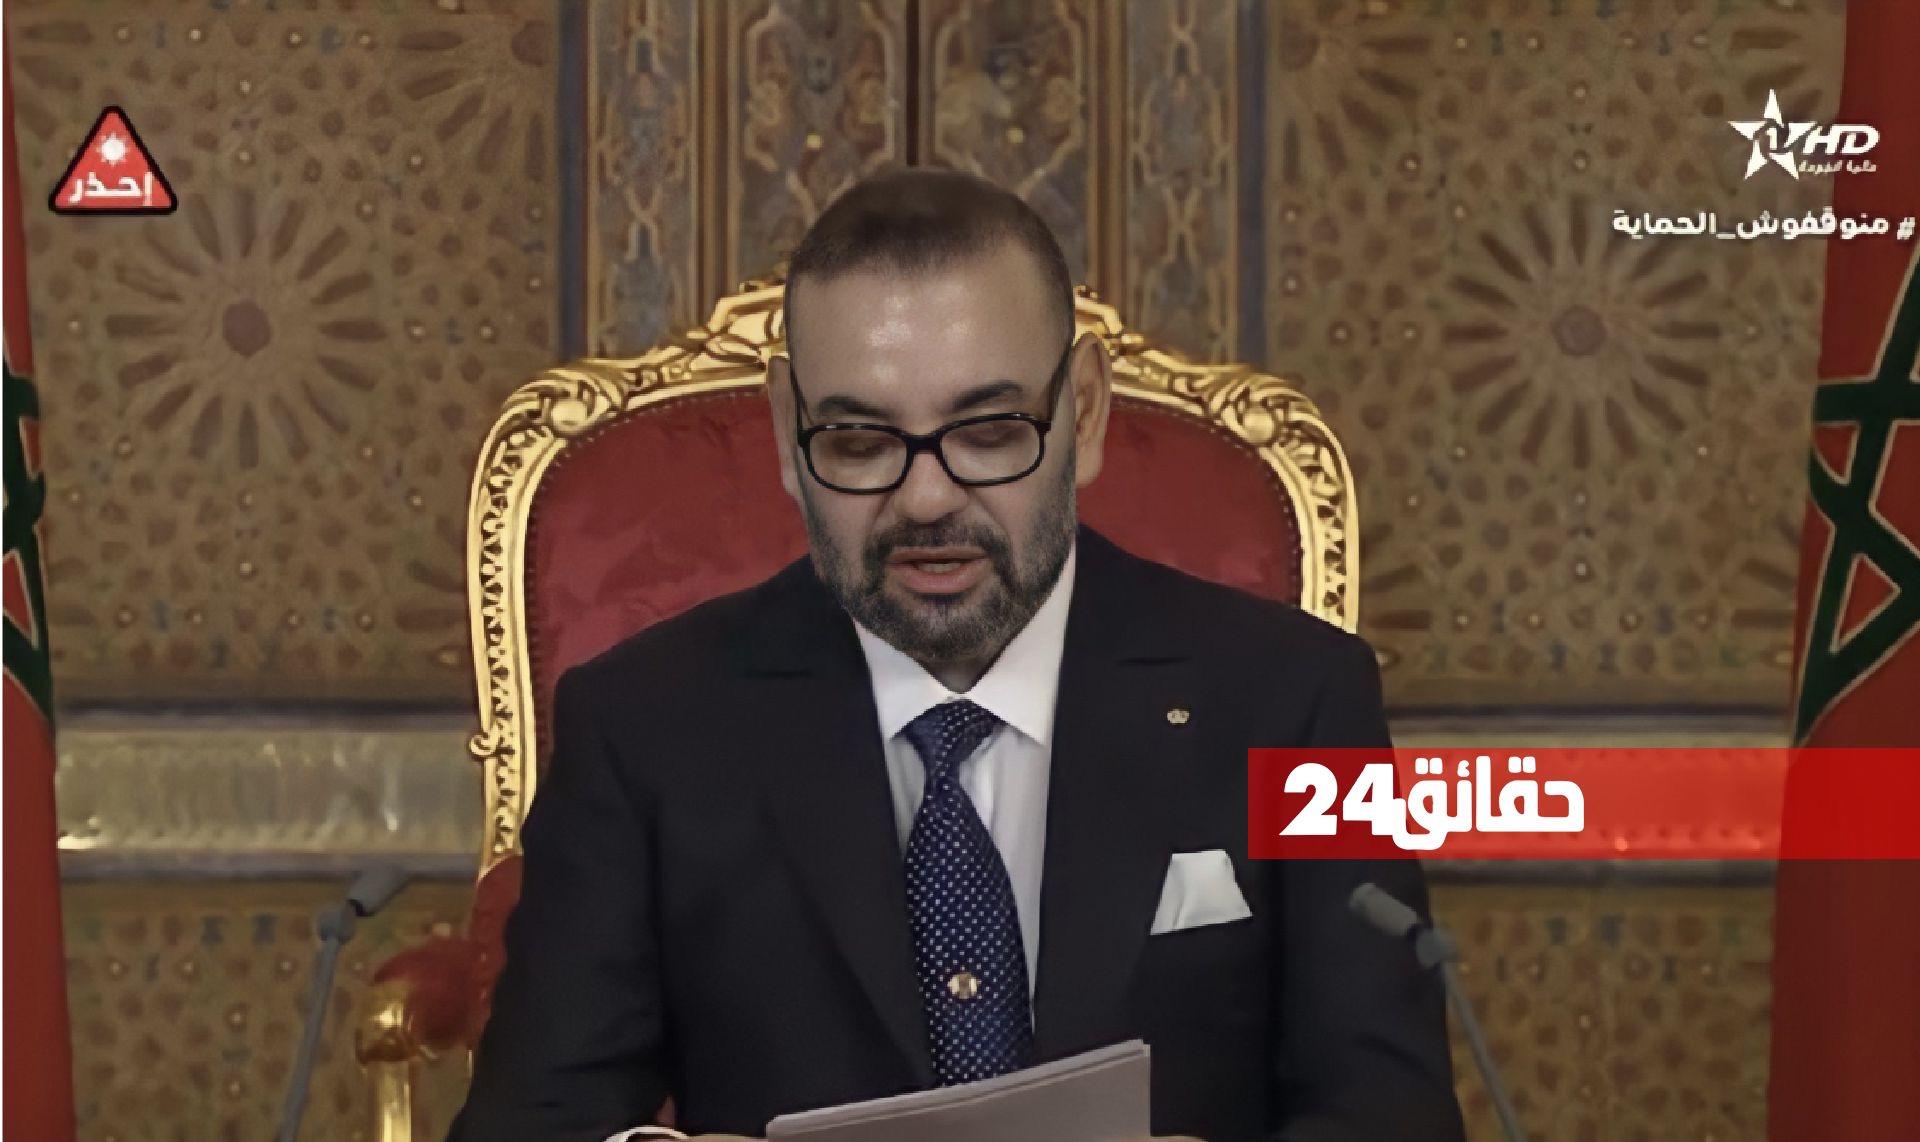 صورة الملك يدعو الجزائر إلى فتح الحدود